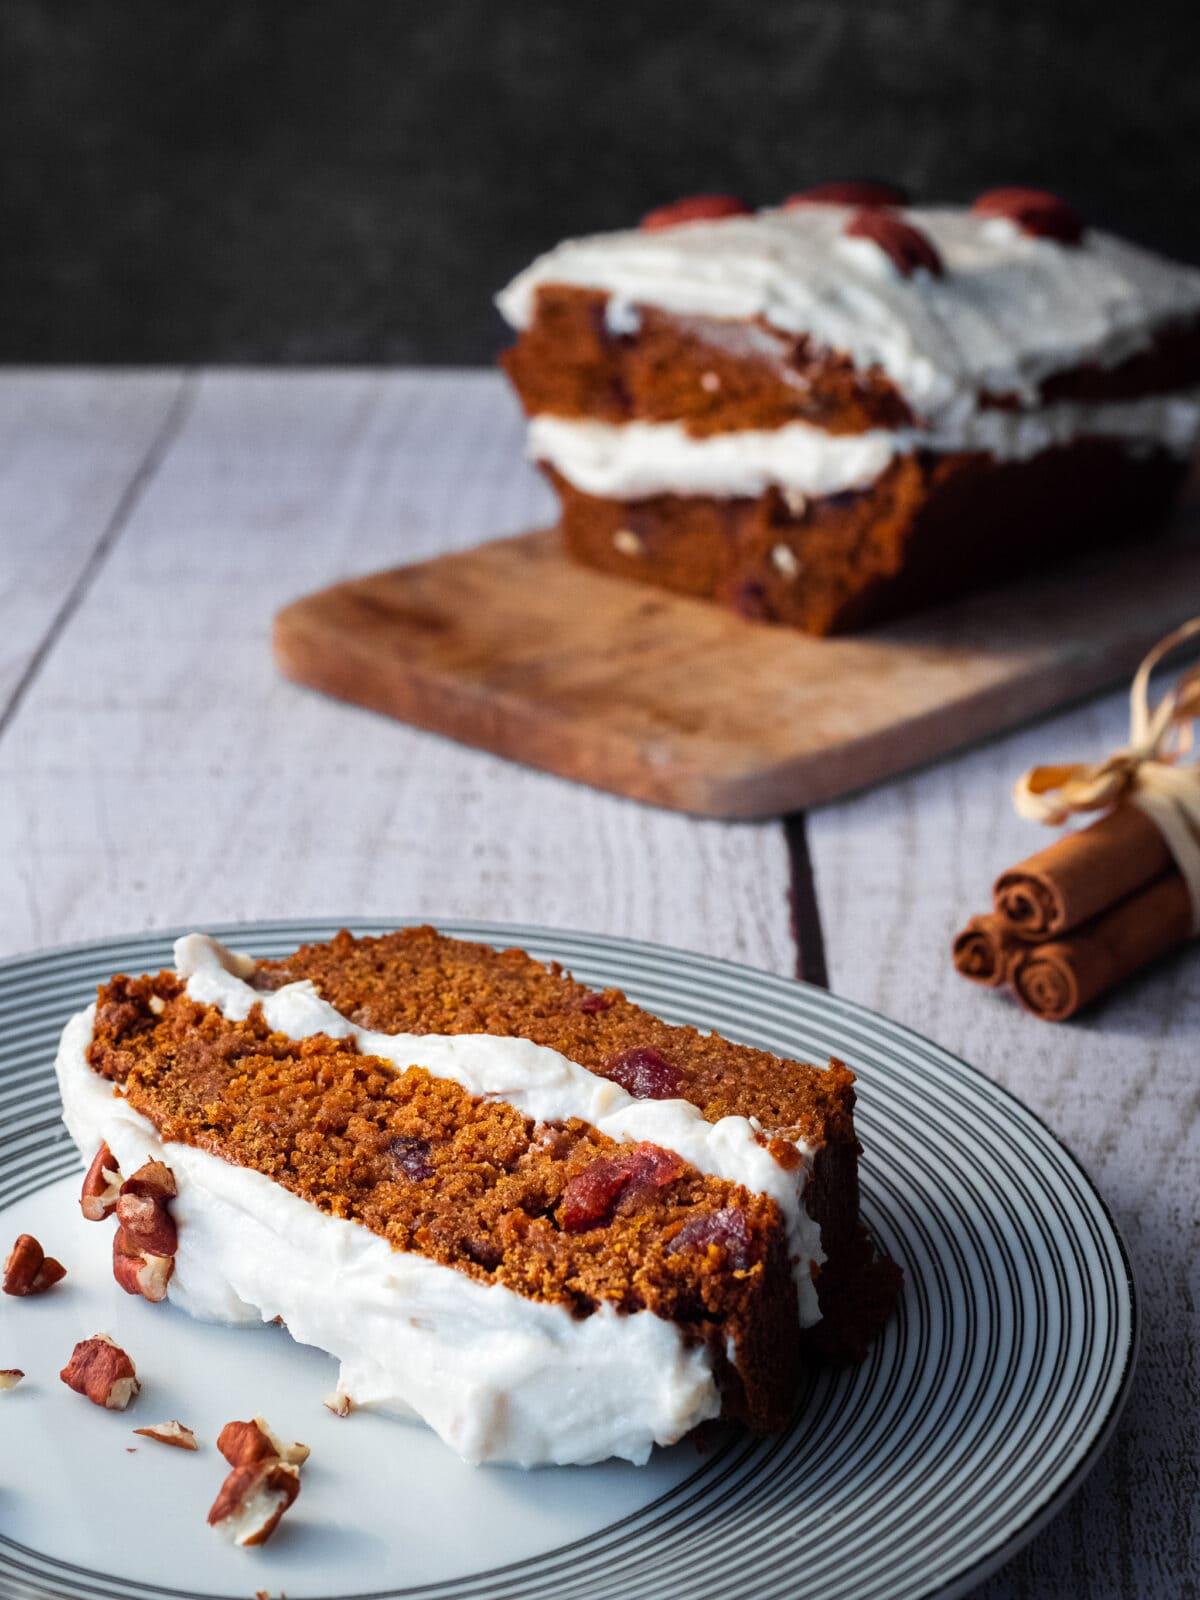 une part de carrot cake dans une assiette a dessert sur une table en bois avec des batons de cannelle et le carrot cake sur une planche a decouper en arriere plan